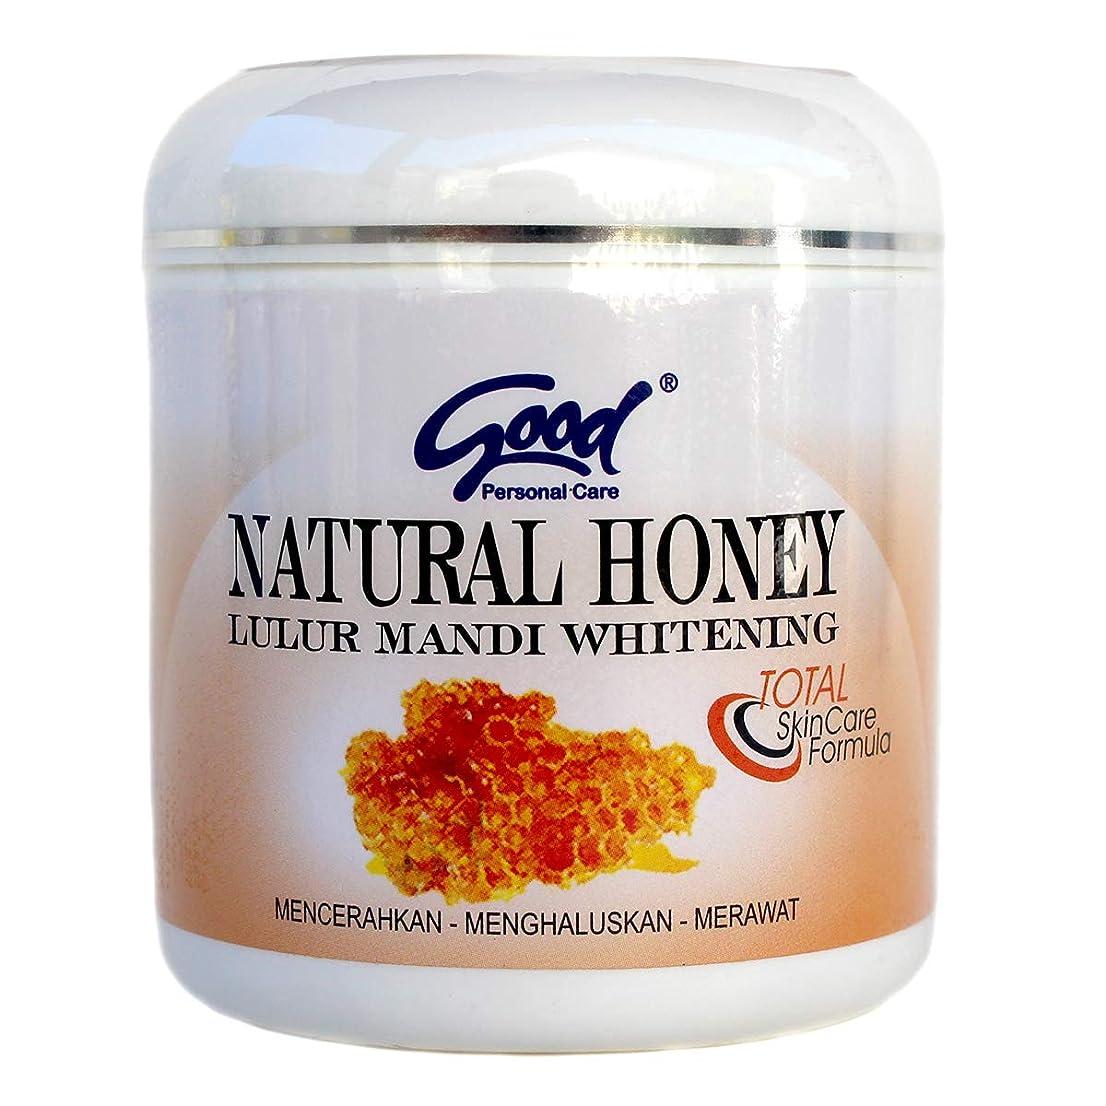 グラマー散る収穫good グッド インドネシアバリ島の伝統的なボディスクラブ Lulur Mandi マンディルルール 200g Natural Honey ナチュラルハニー [海外直送品]